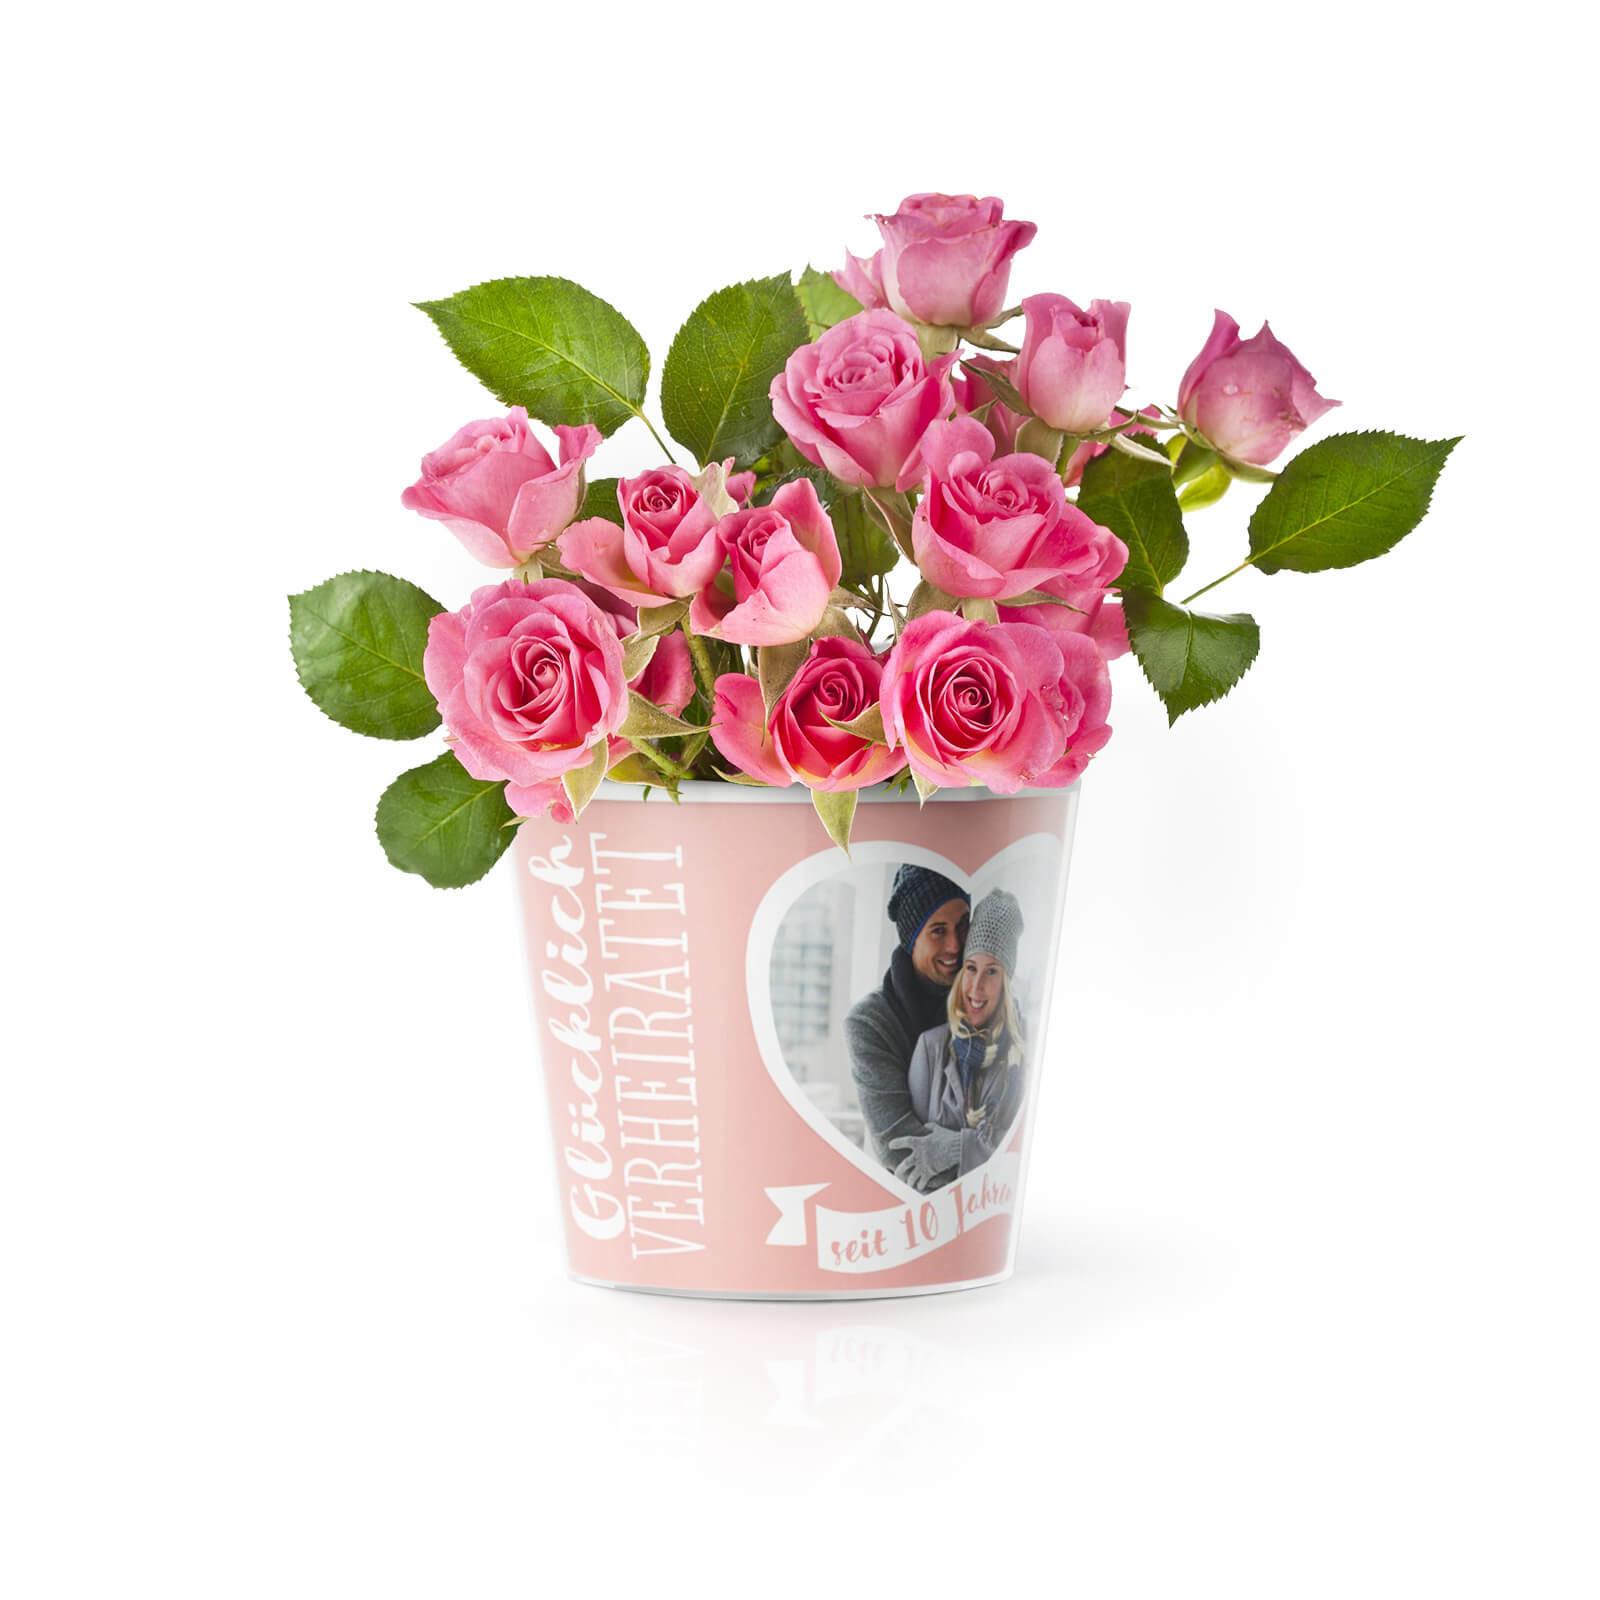 Geschenke Zur Rosenhochzeit  10 Hochzeitstag Rosenhochzeit – Blumentopf von MyFacepot